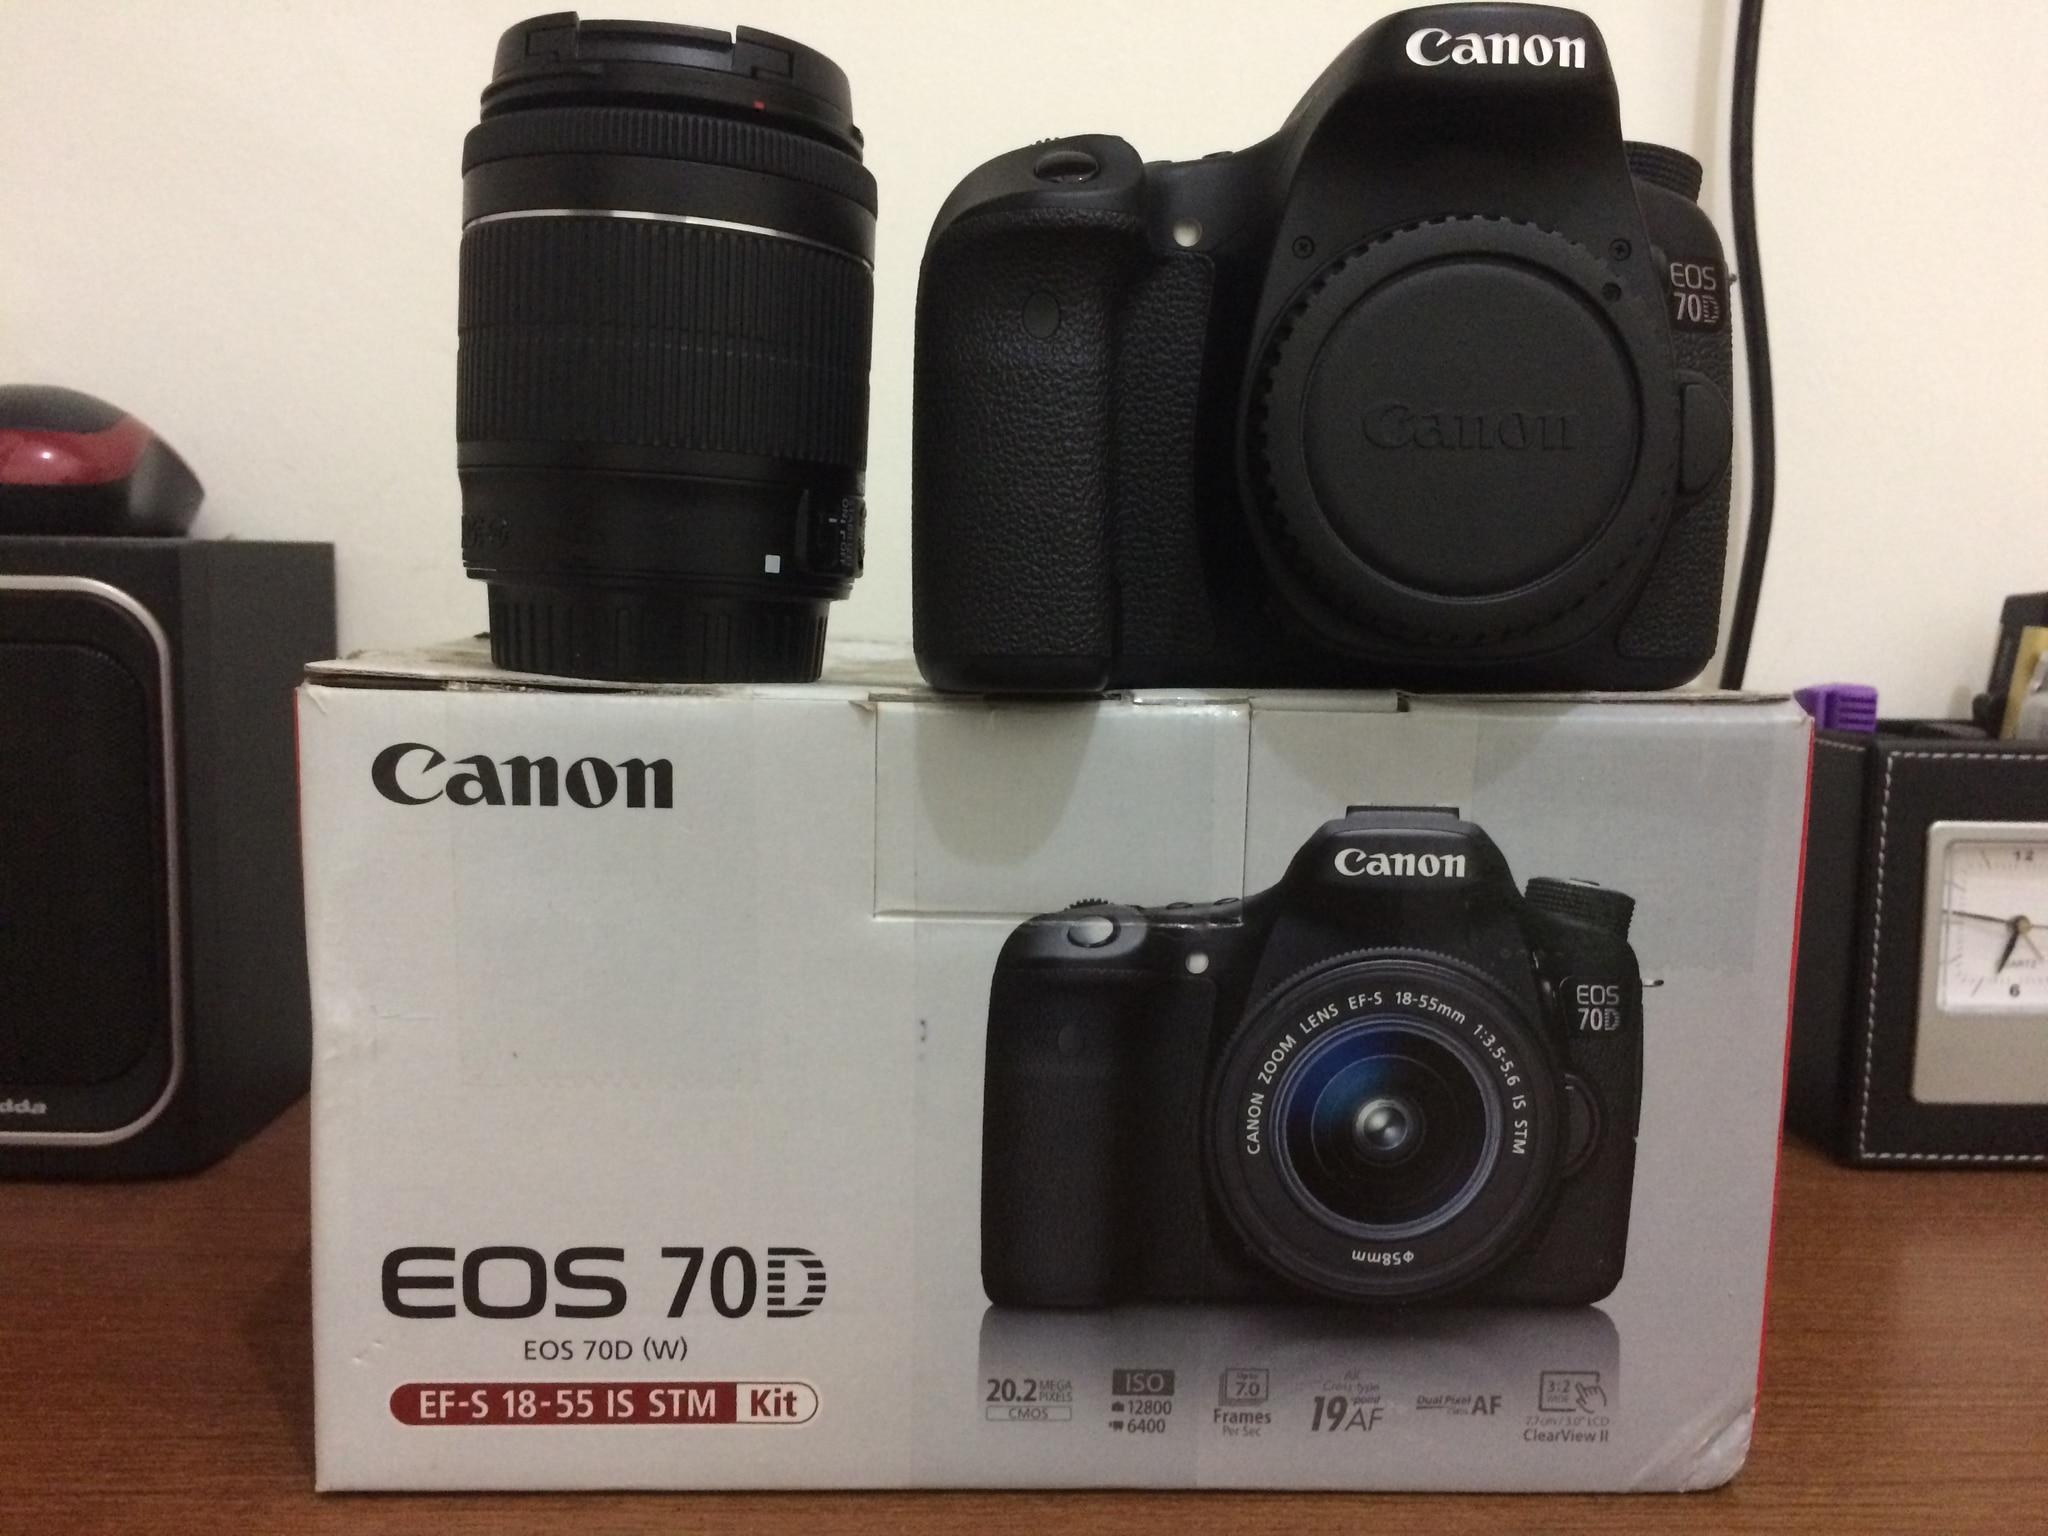 Jual Kemera Canon 70d Wifi Kit Lensa 18 55 Is Stm Garansi Exs Ds Eos Dslr Bonus Maqbul Store Tokopedia